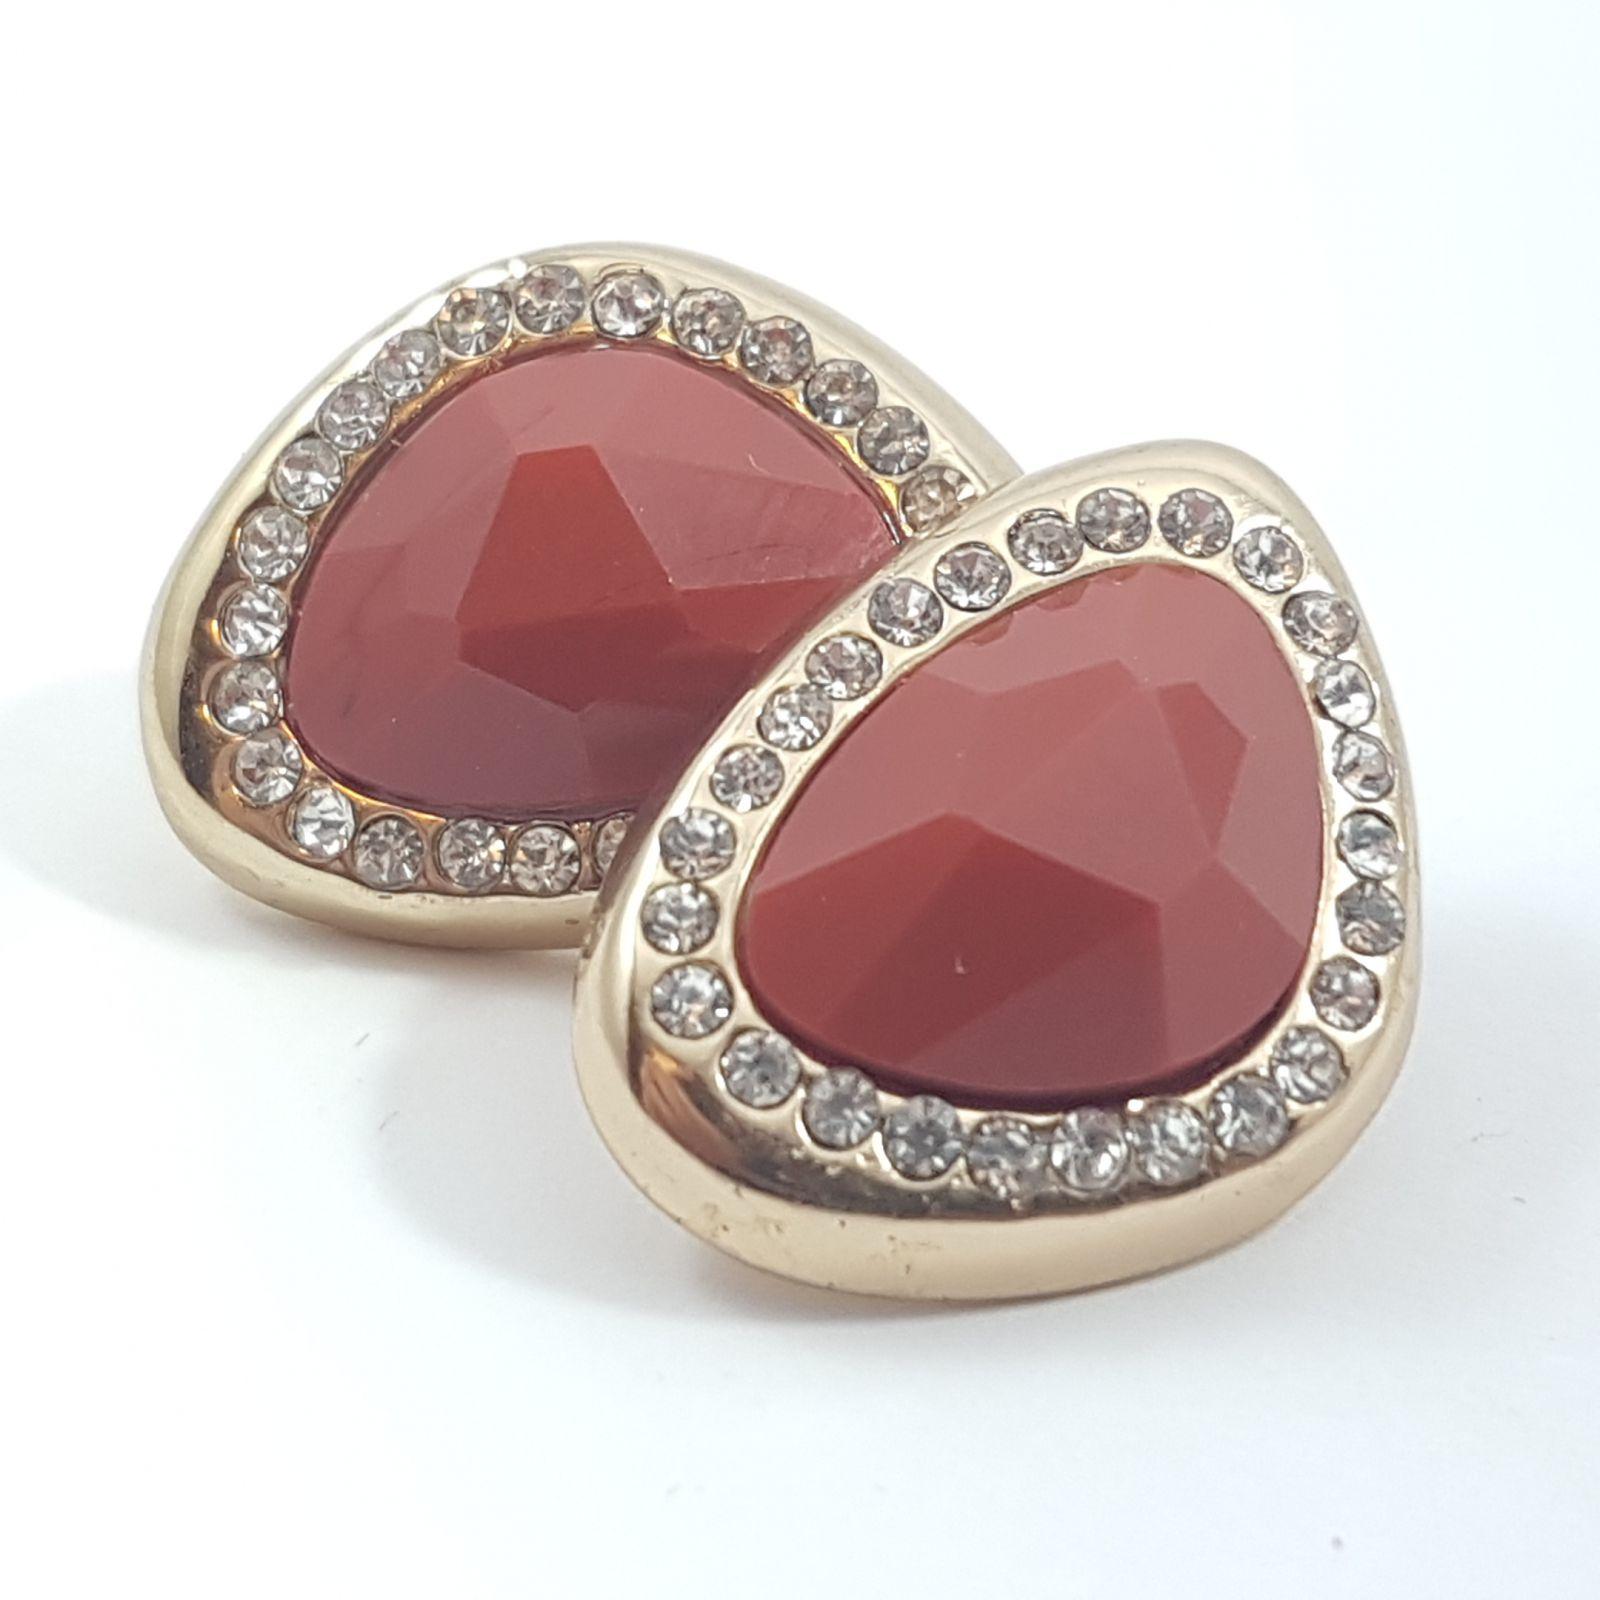 Náušnice s pastelově červeným kamínkem